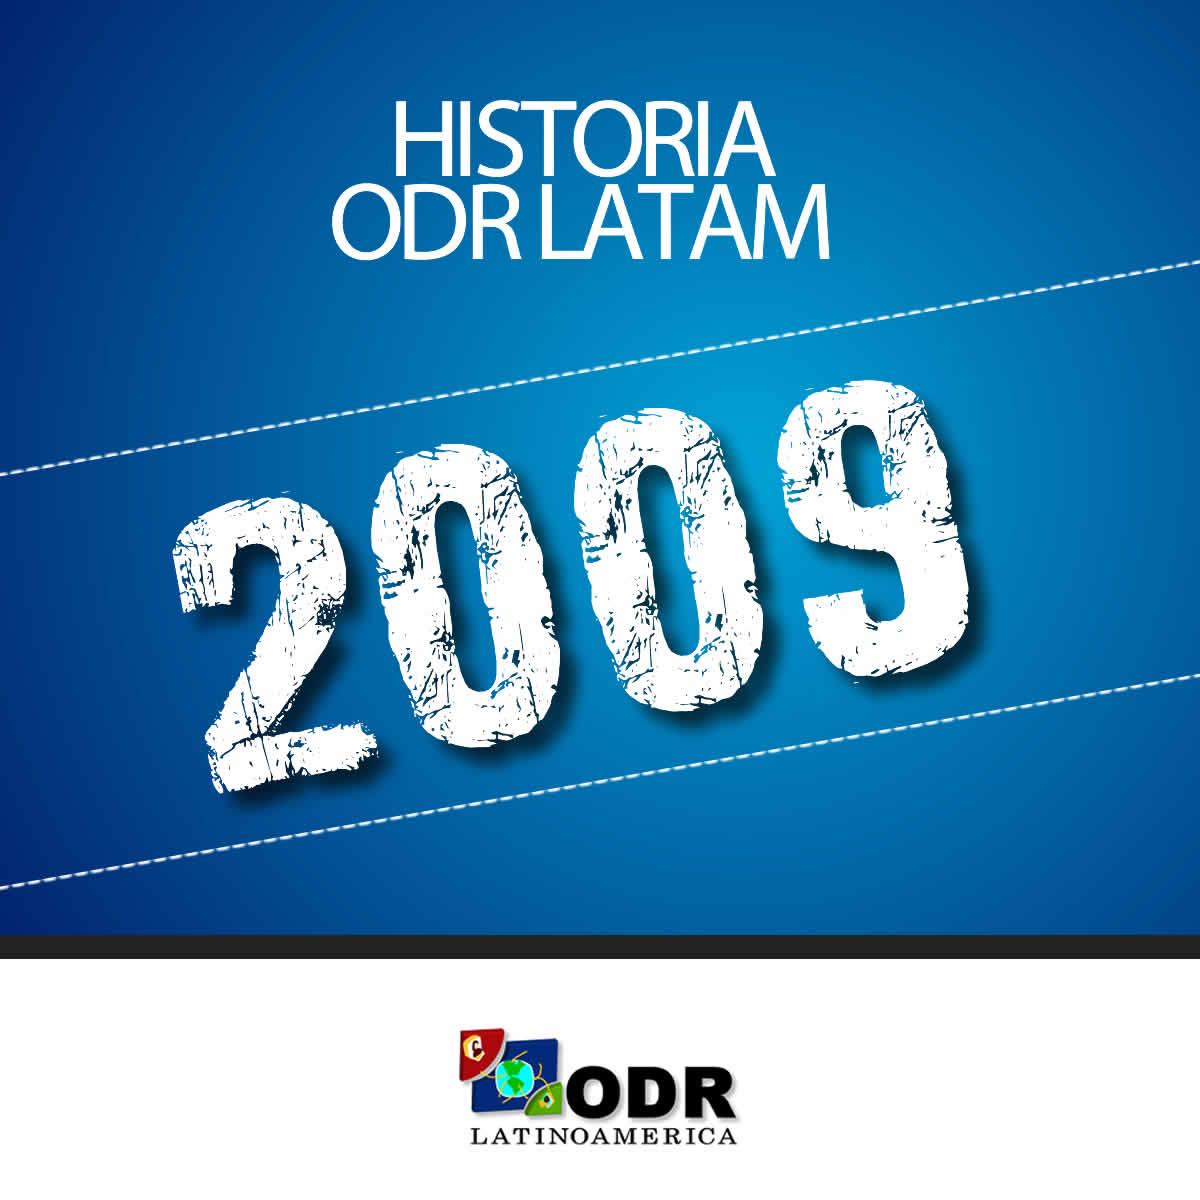 Historia ODR LATAM 2009